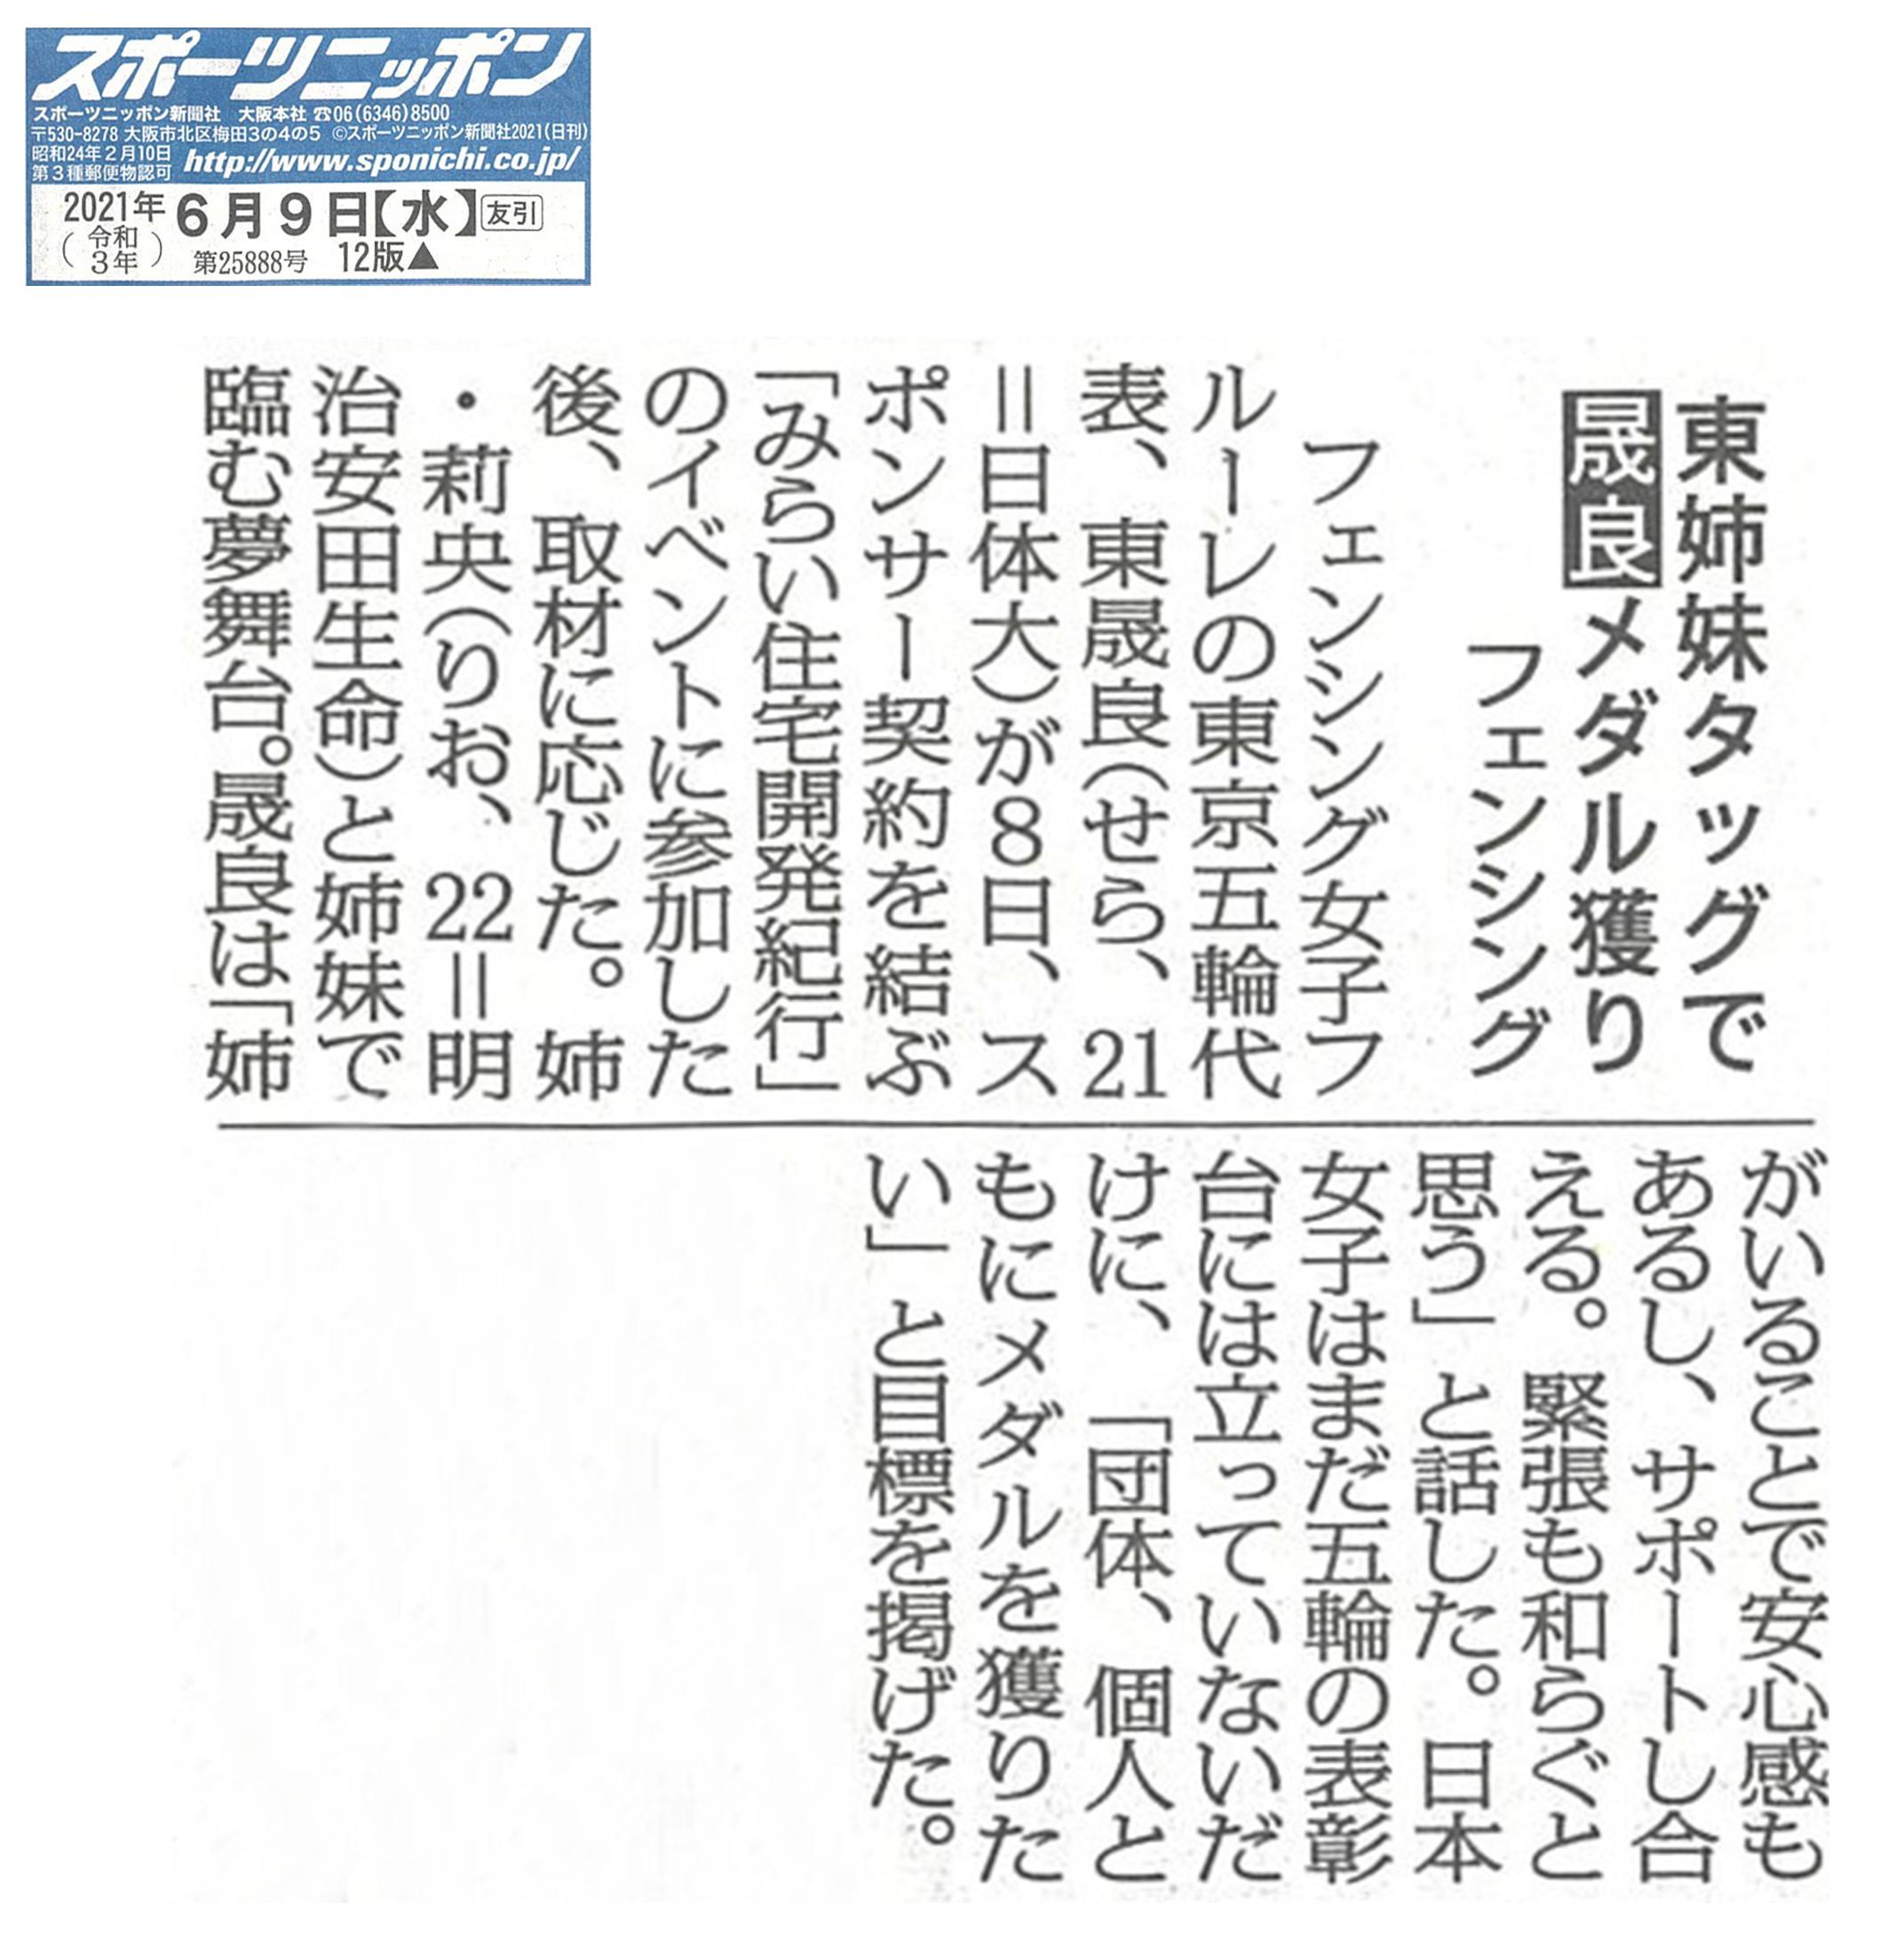 スポーツニッポンに掲載されました。